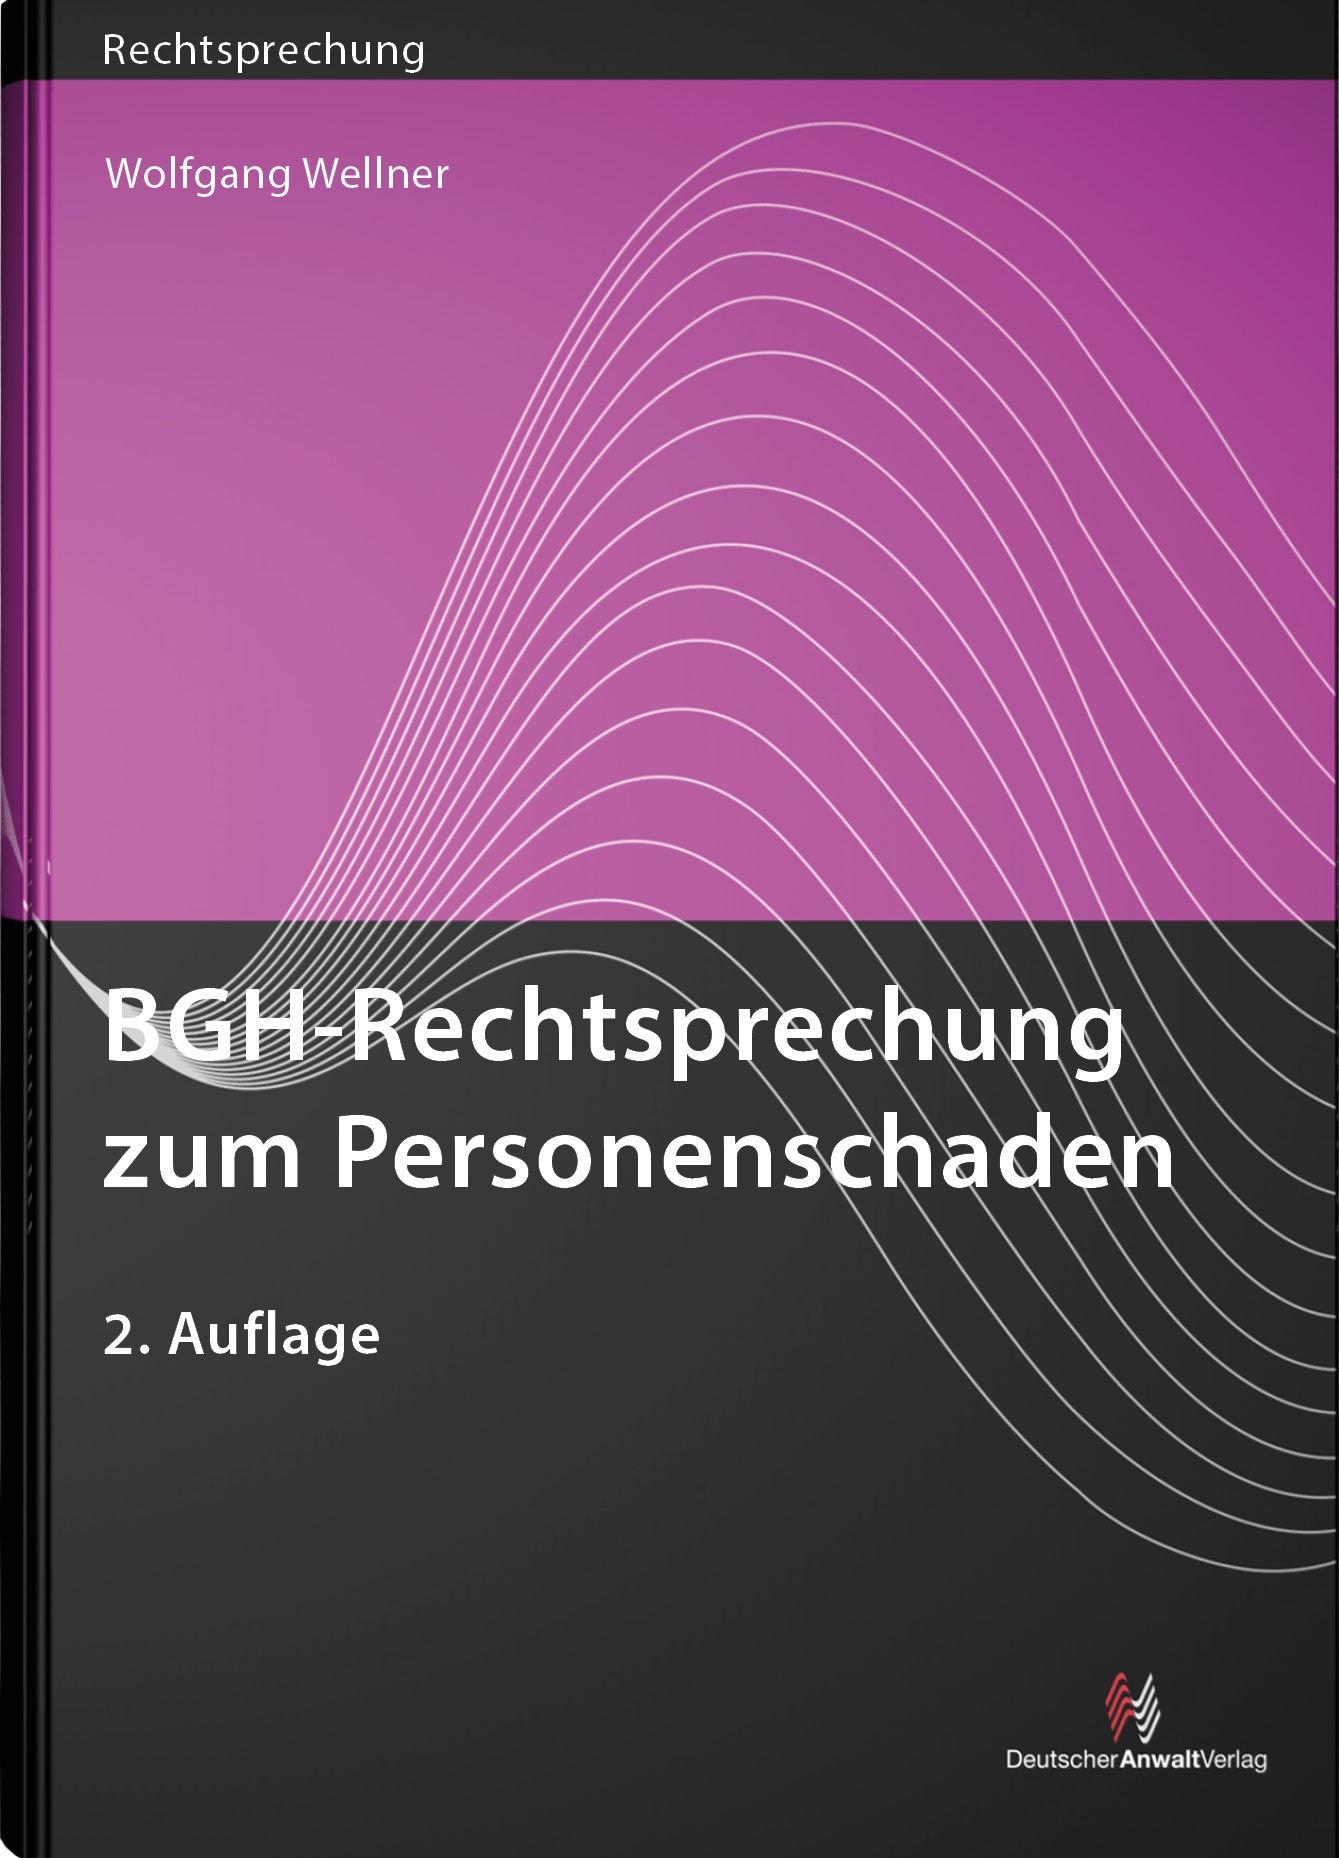 BGH-Rechtsprechung zum Personenschaden   Wellner   2. Auflage, 2018   Buch (Cover)